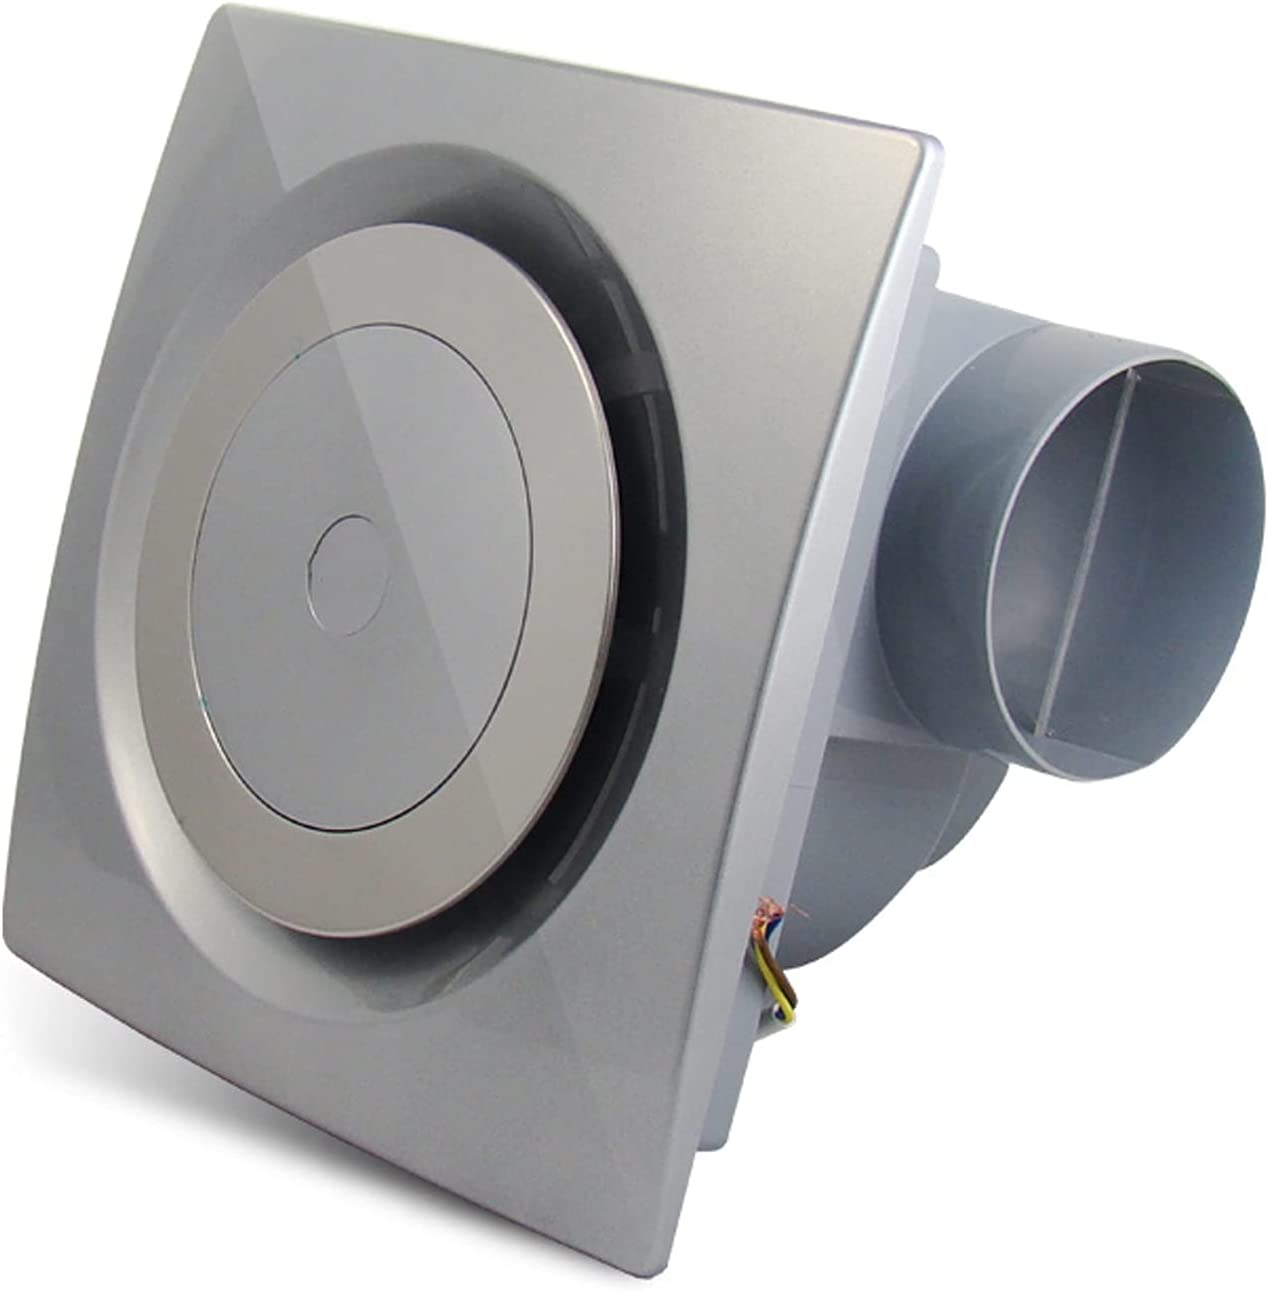 Ventilador extractor Ventilador de escape del conducto circular Ventilador de ventilador de techo para el hogar con la válvula de retención 25 × 2 5 CM Ventilador silencioso de ventilación, plata, 3 0